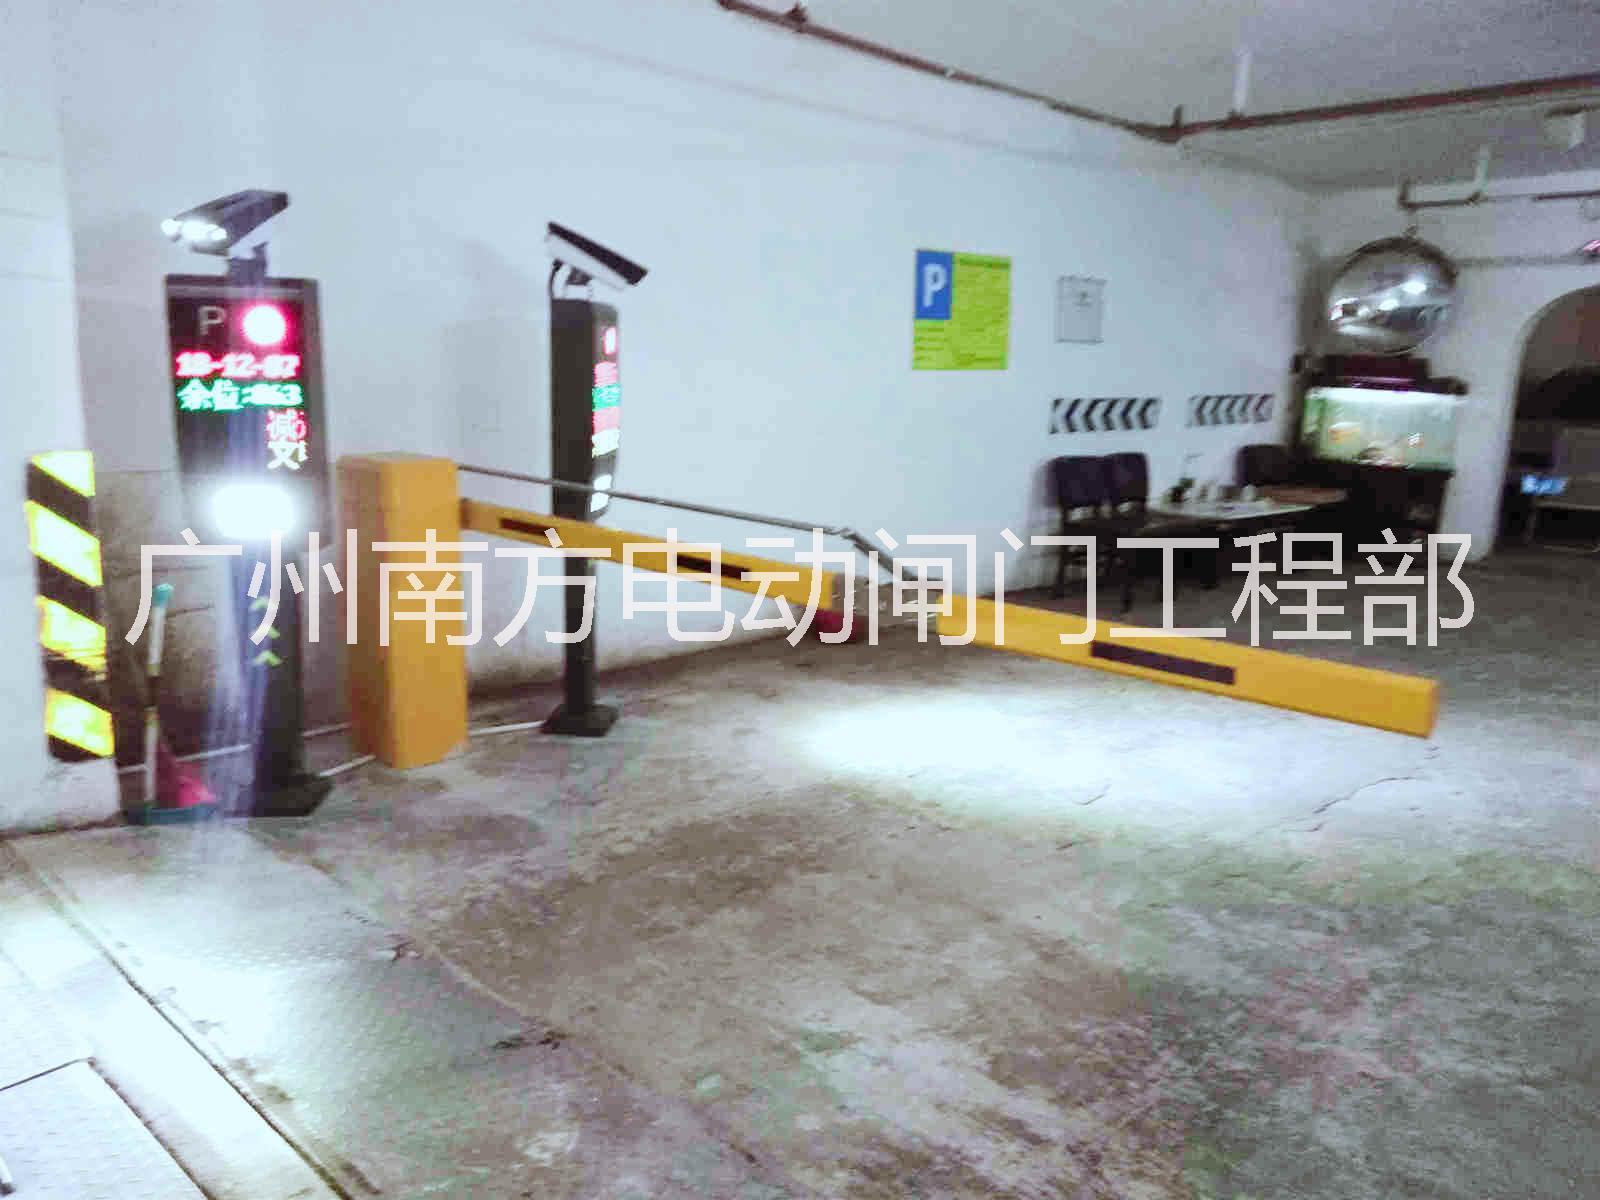 车牌识别停车场管理系统销售电动道闸升降栏杆批发价格